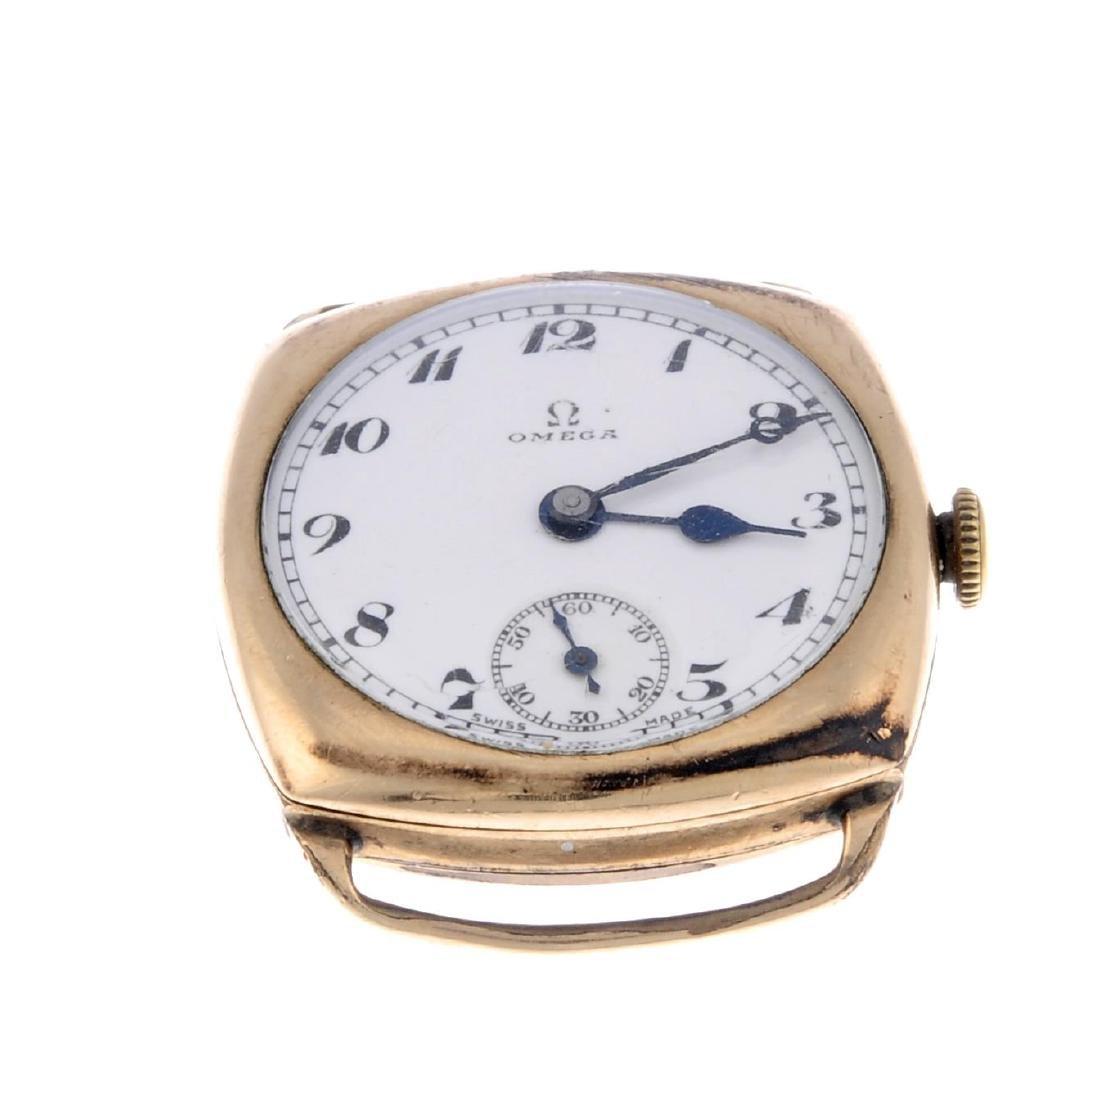 GARRARD - a gentleman's wrist watch. 9ct yellow gold - 5